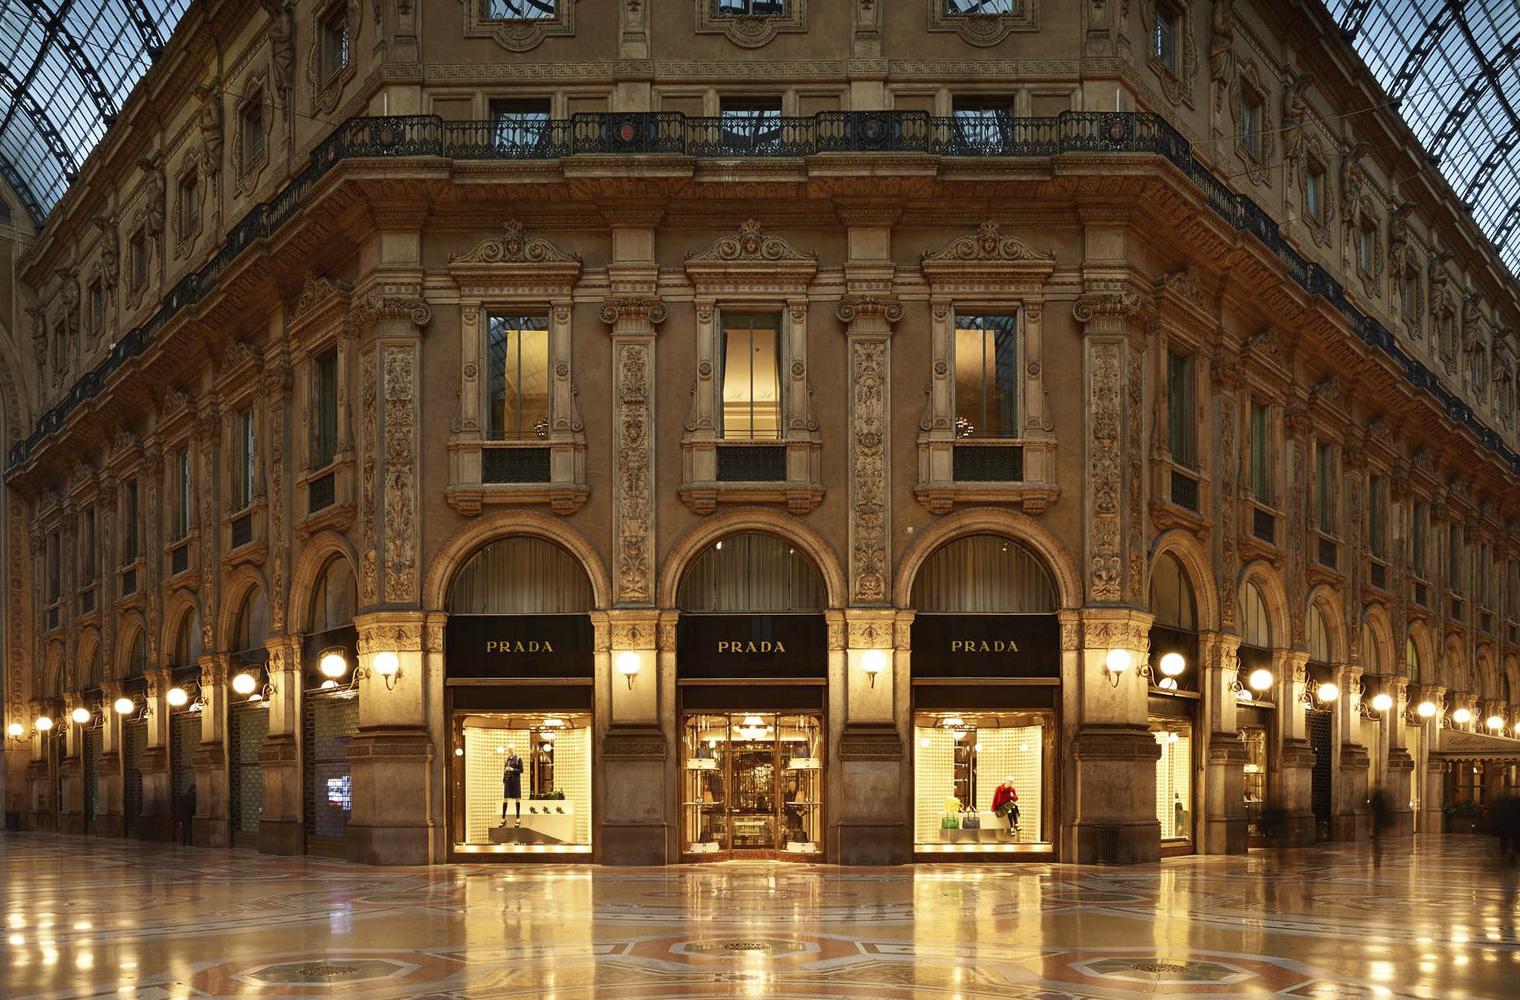 Первый бутик Prada открыт в 1913 году